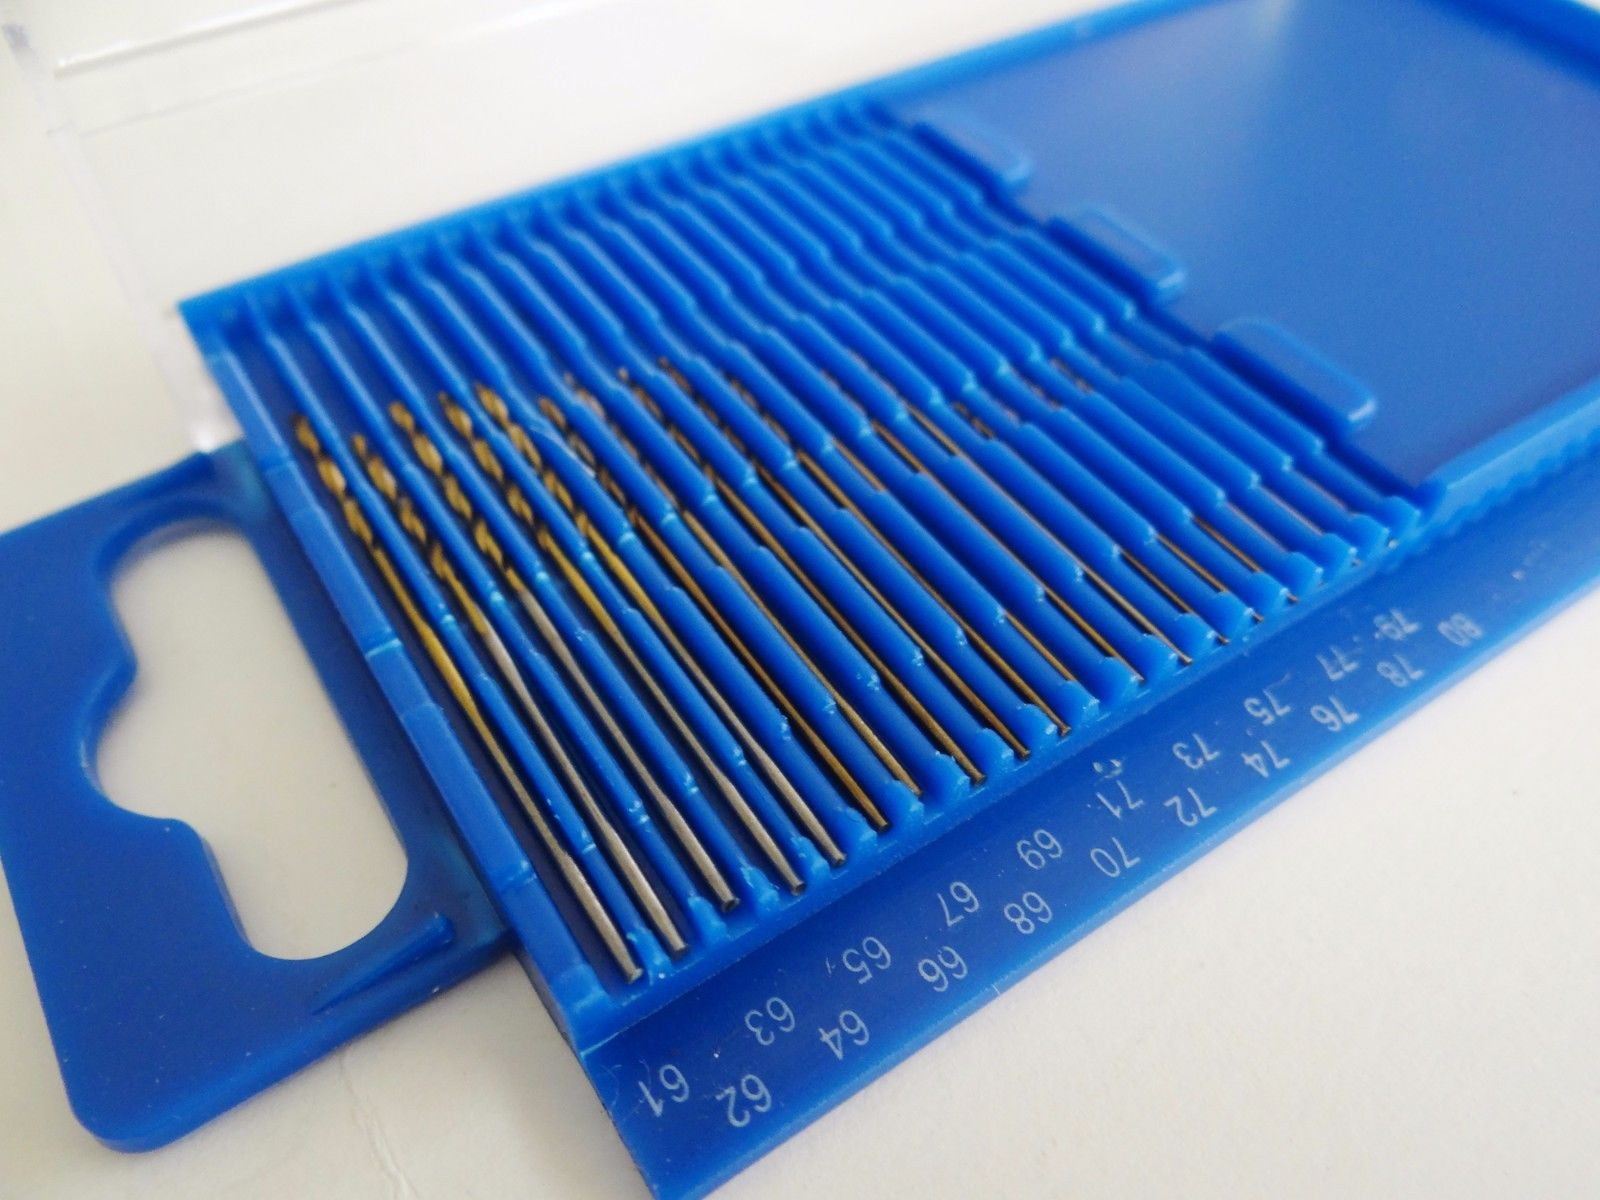 20pc hss diamond twist mini drill bit wire gauge set index 61 80 in 20pc hss diamond twist mini drill bit wire gauge set index 61 80 in plastic case greentooth Images